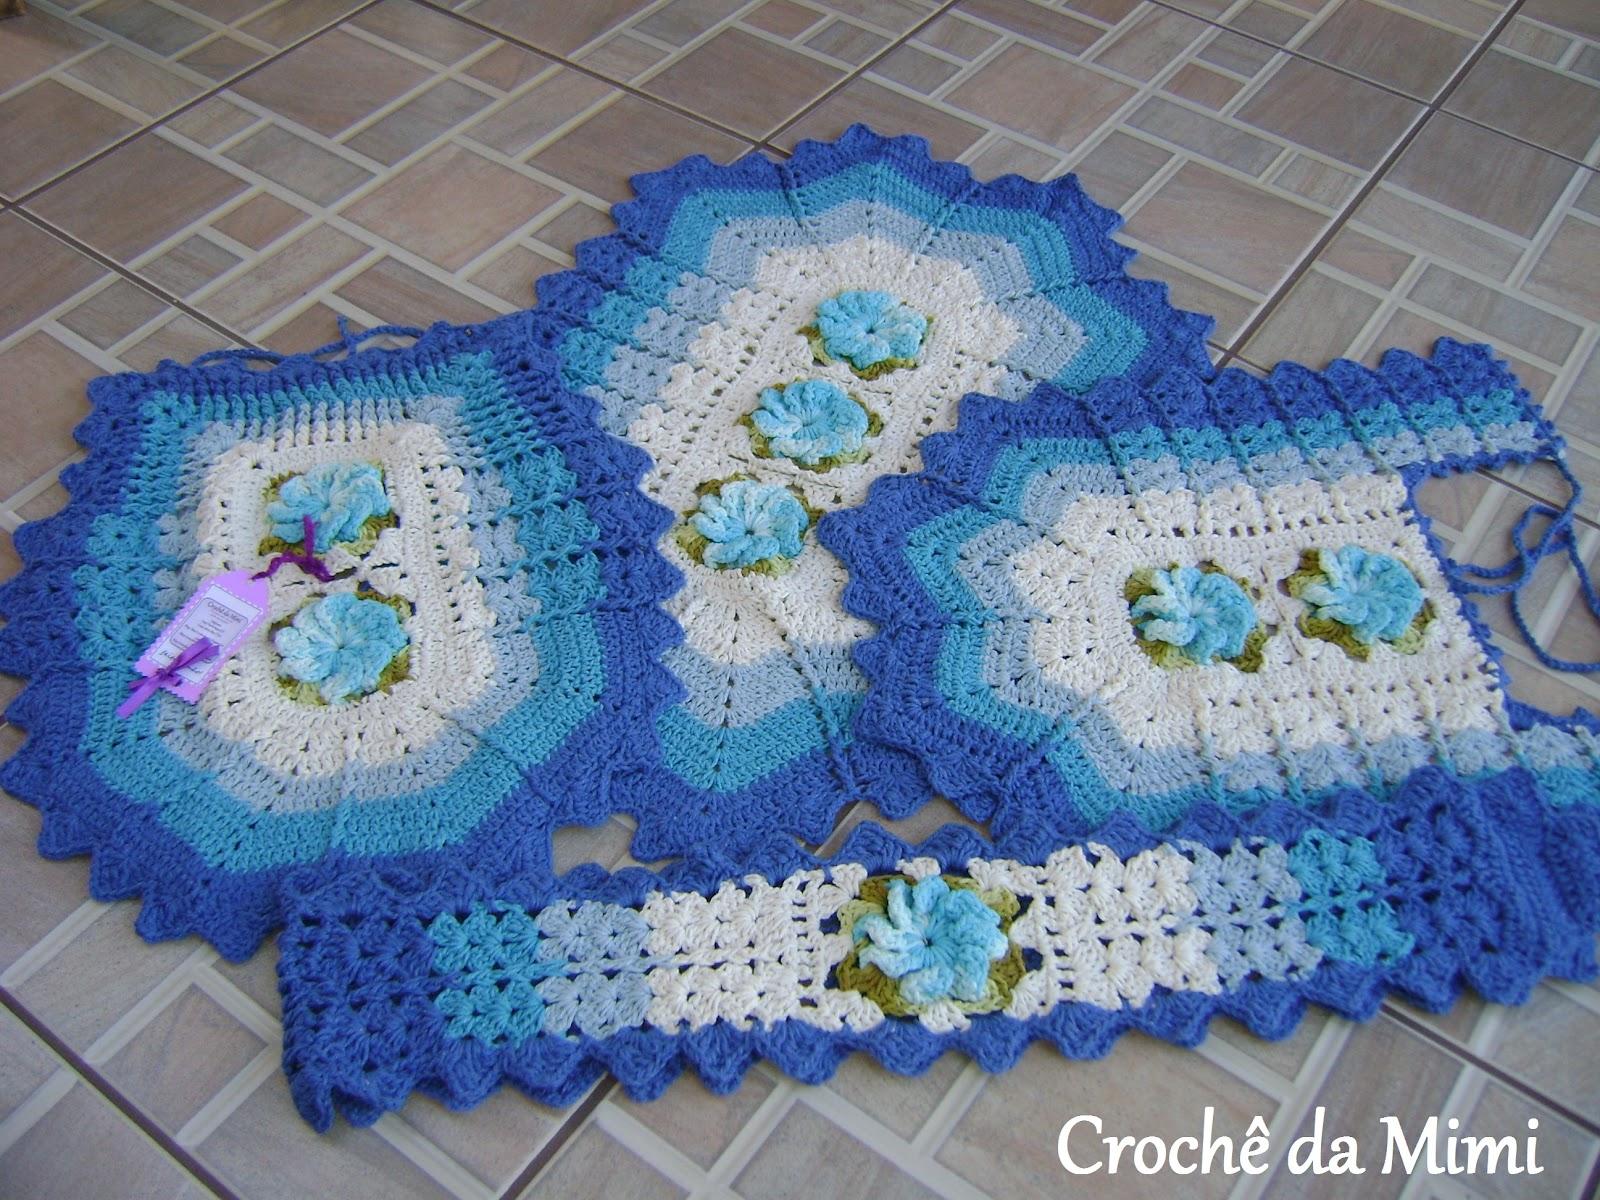 Jogo De Banheiro Azul Em Croche : Jogo de banheiro em degrad? azul quot croch? da mimi